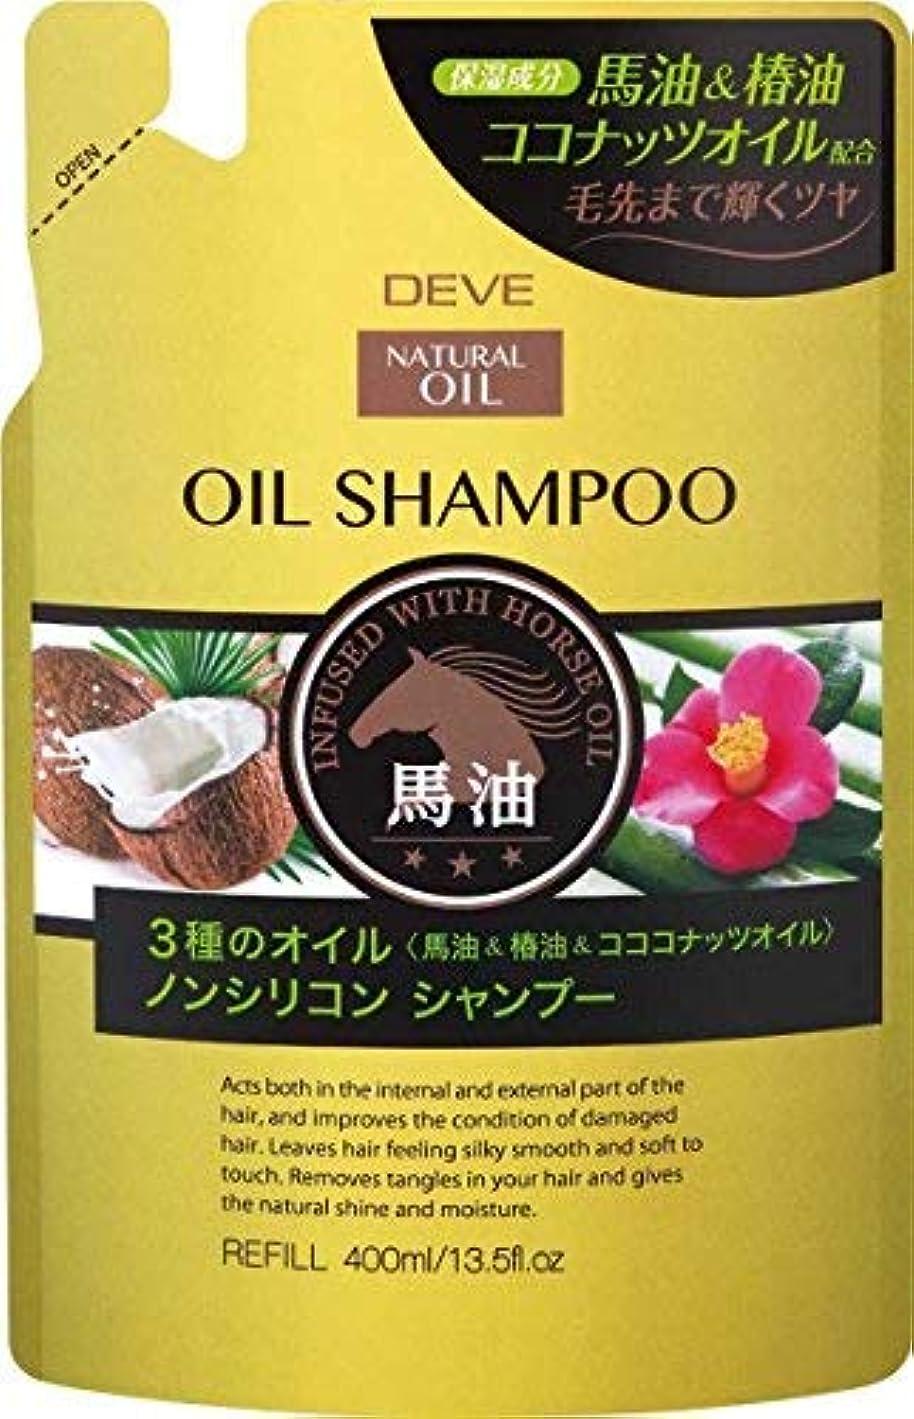 綺麗なスパーク同意する熊野油脂 ディブ 3種のオイルシャンプー(馬油?椿油?ココナッツオイル)400ml × 24点